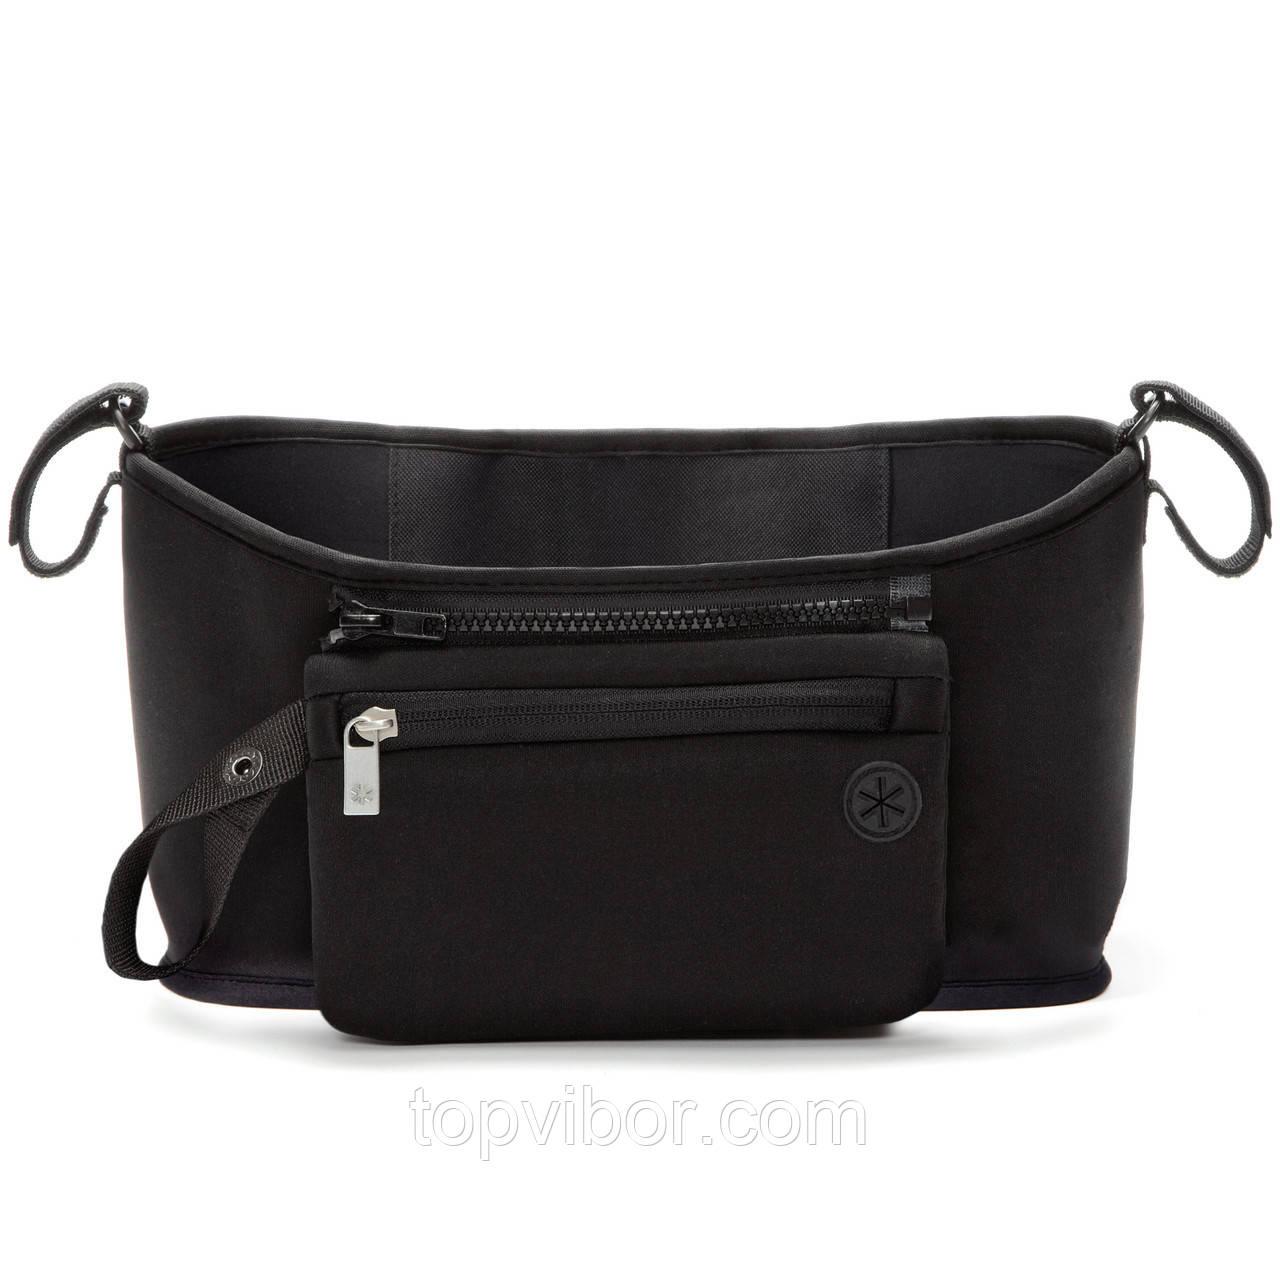 🔝 Органайзер на ручку коляски, сумка чехол, Grab & Go, цвет - чёрный, сумка для мамы на коляску | 🎁%🚚